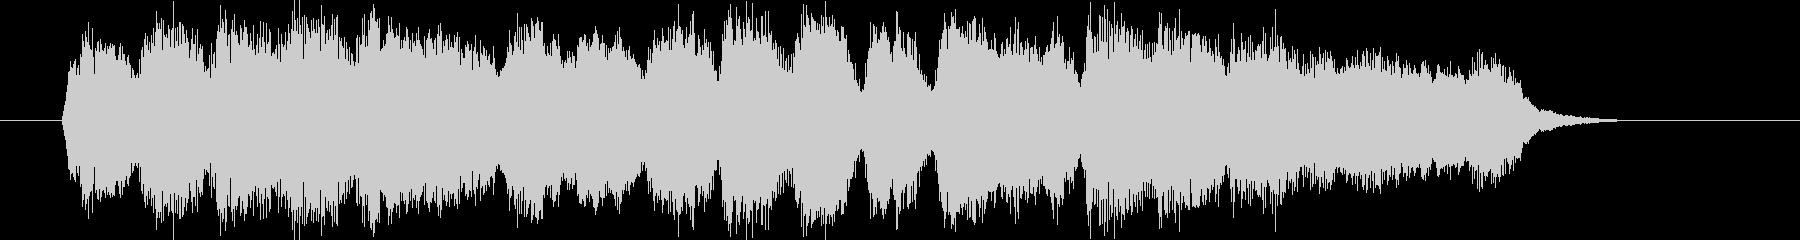 中世ヨーロッパ的なクラシックジングルの未再生の波形